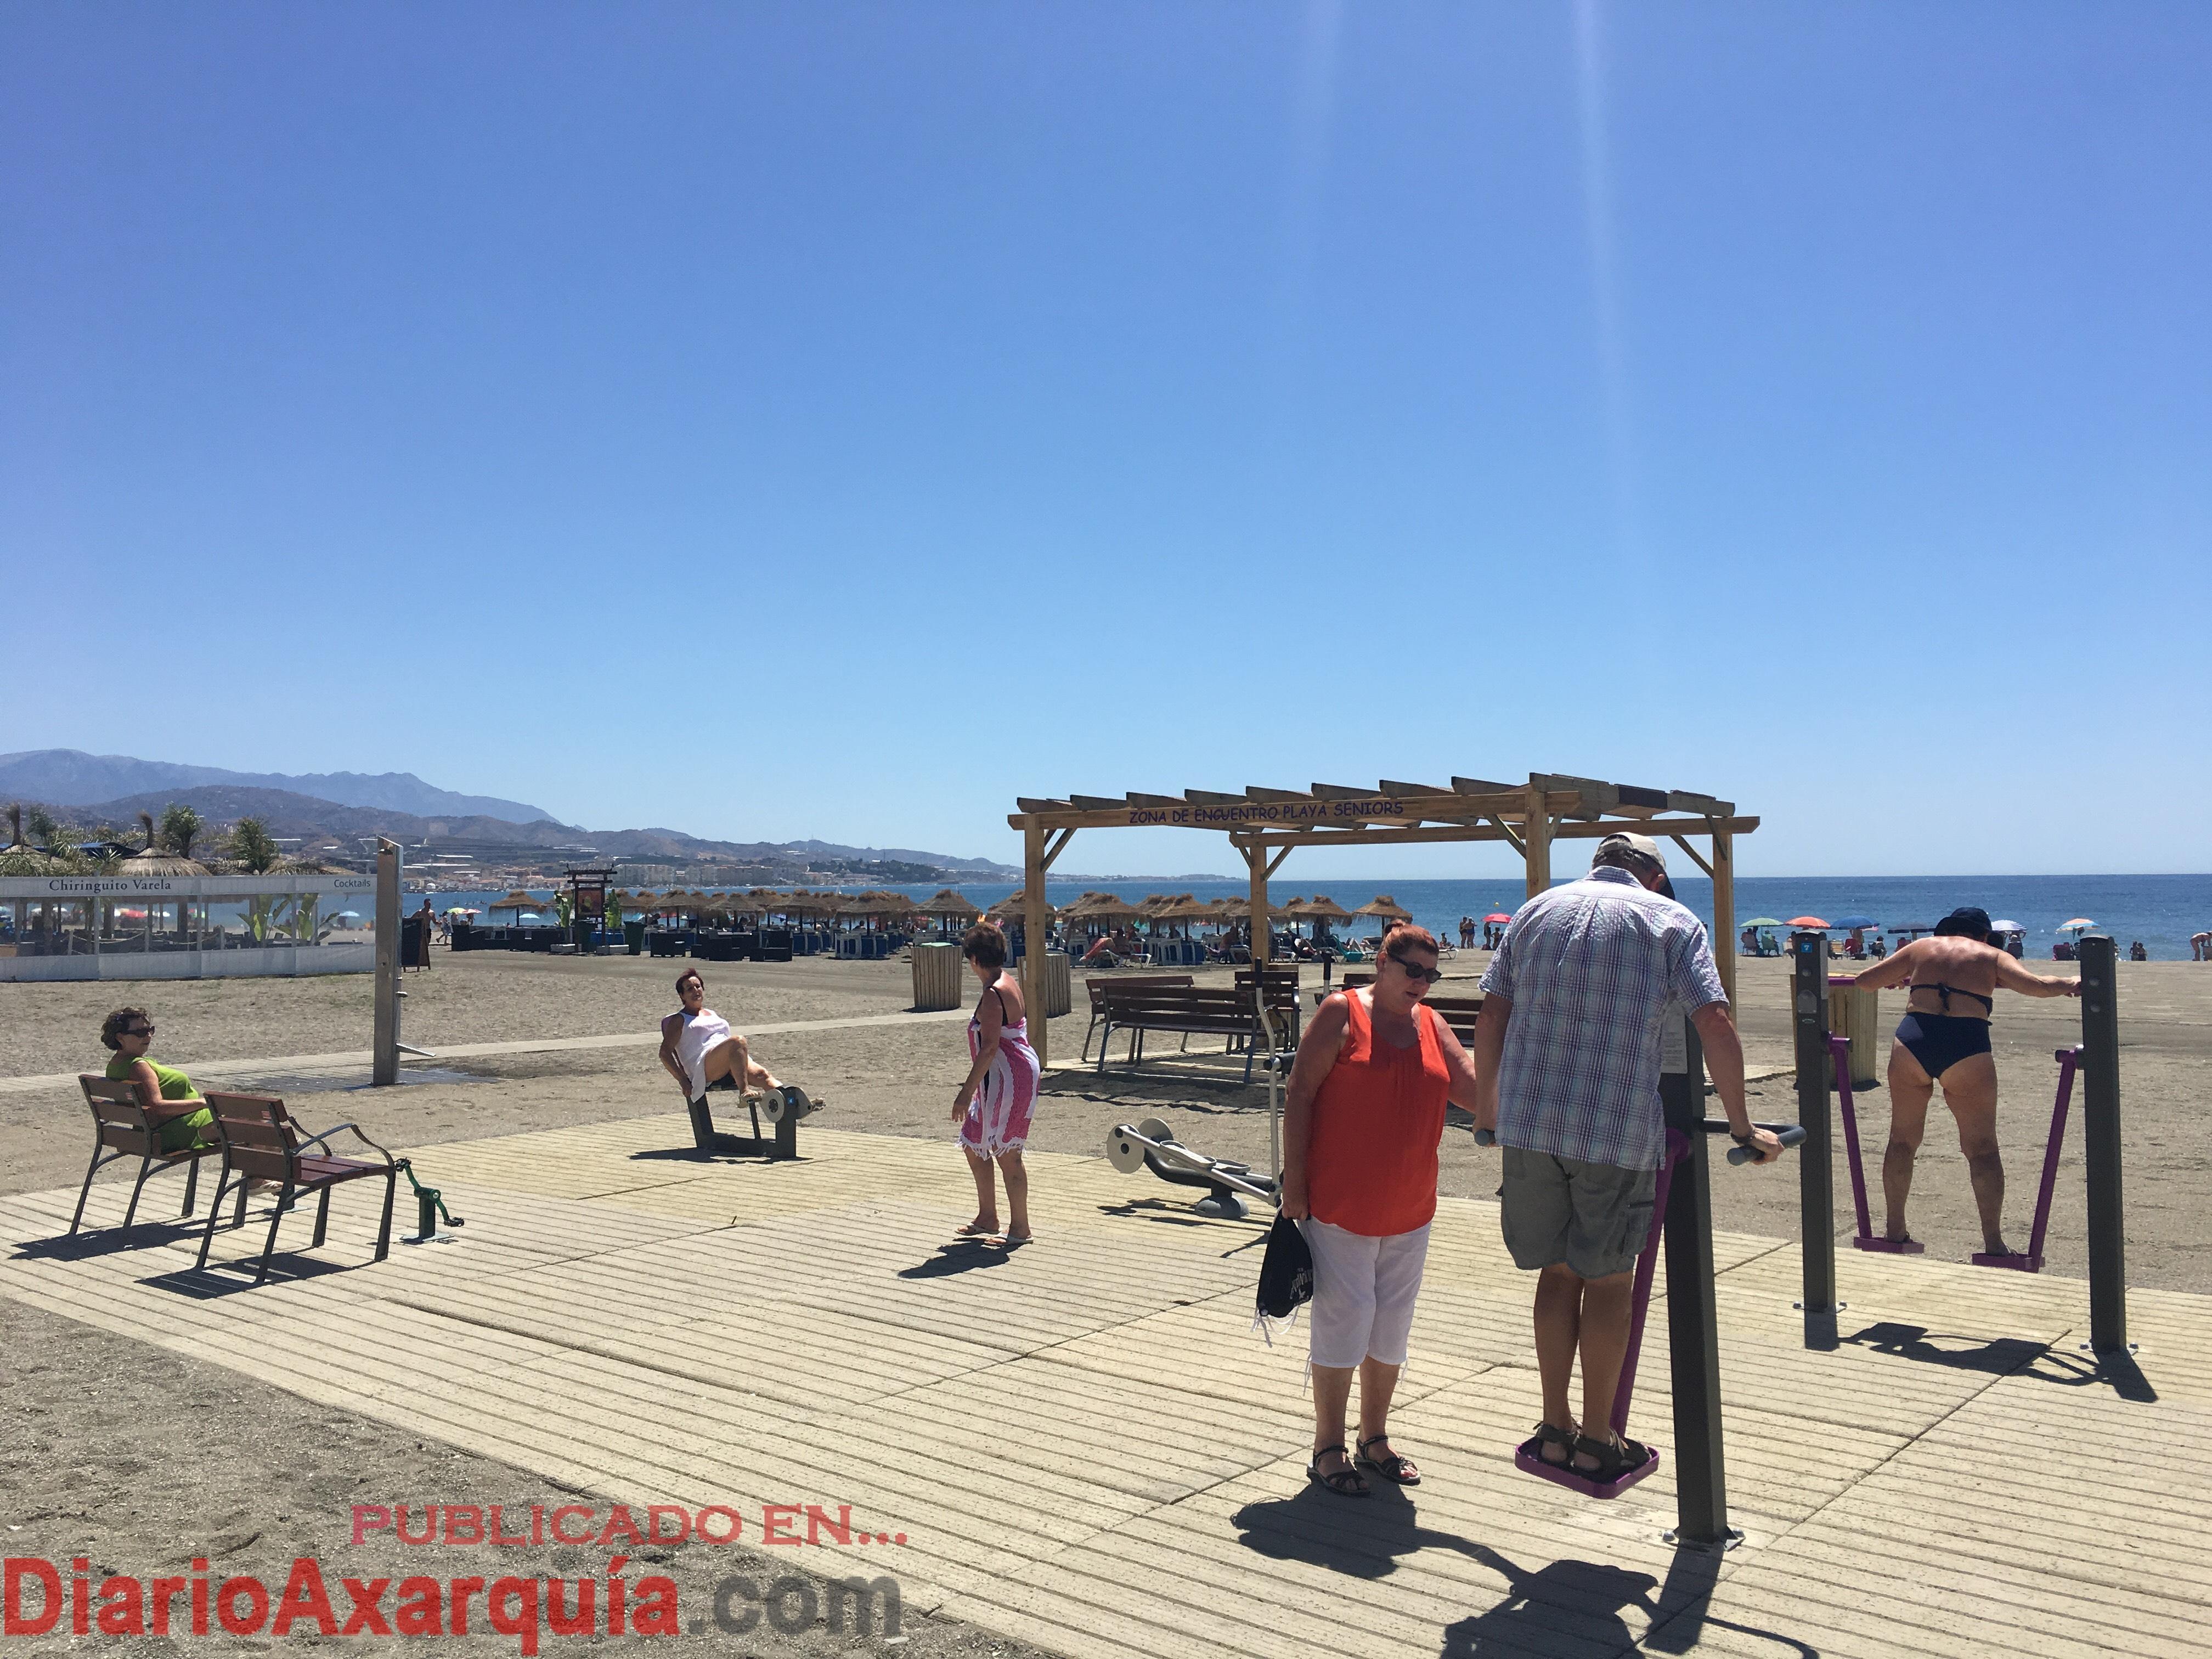 Torre del mar inaugura la playa seniors un espacio nico y pionero en espa a dirigido a los for Cerrajero torre del mar